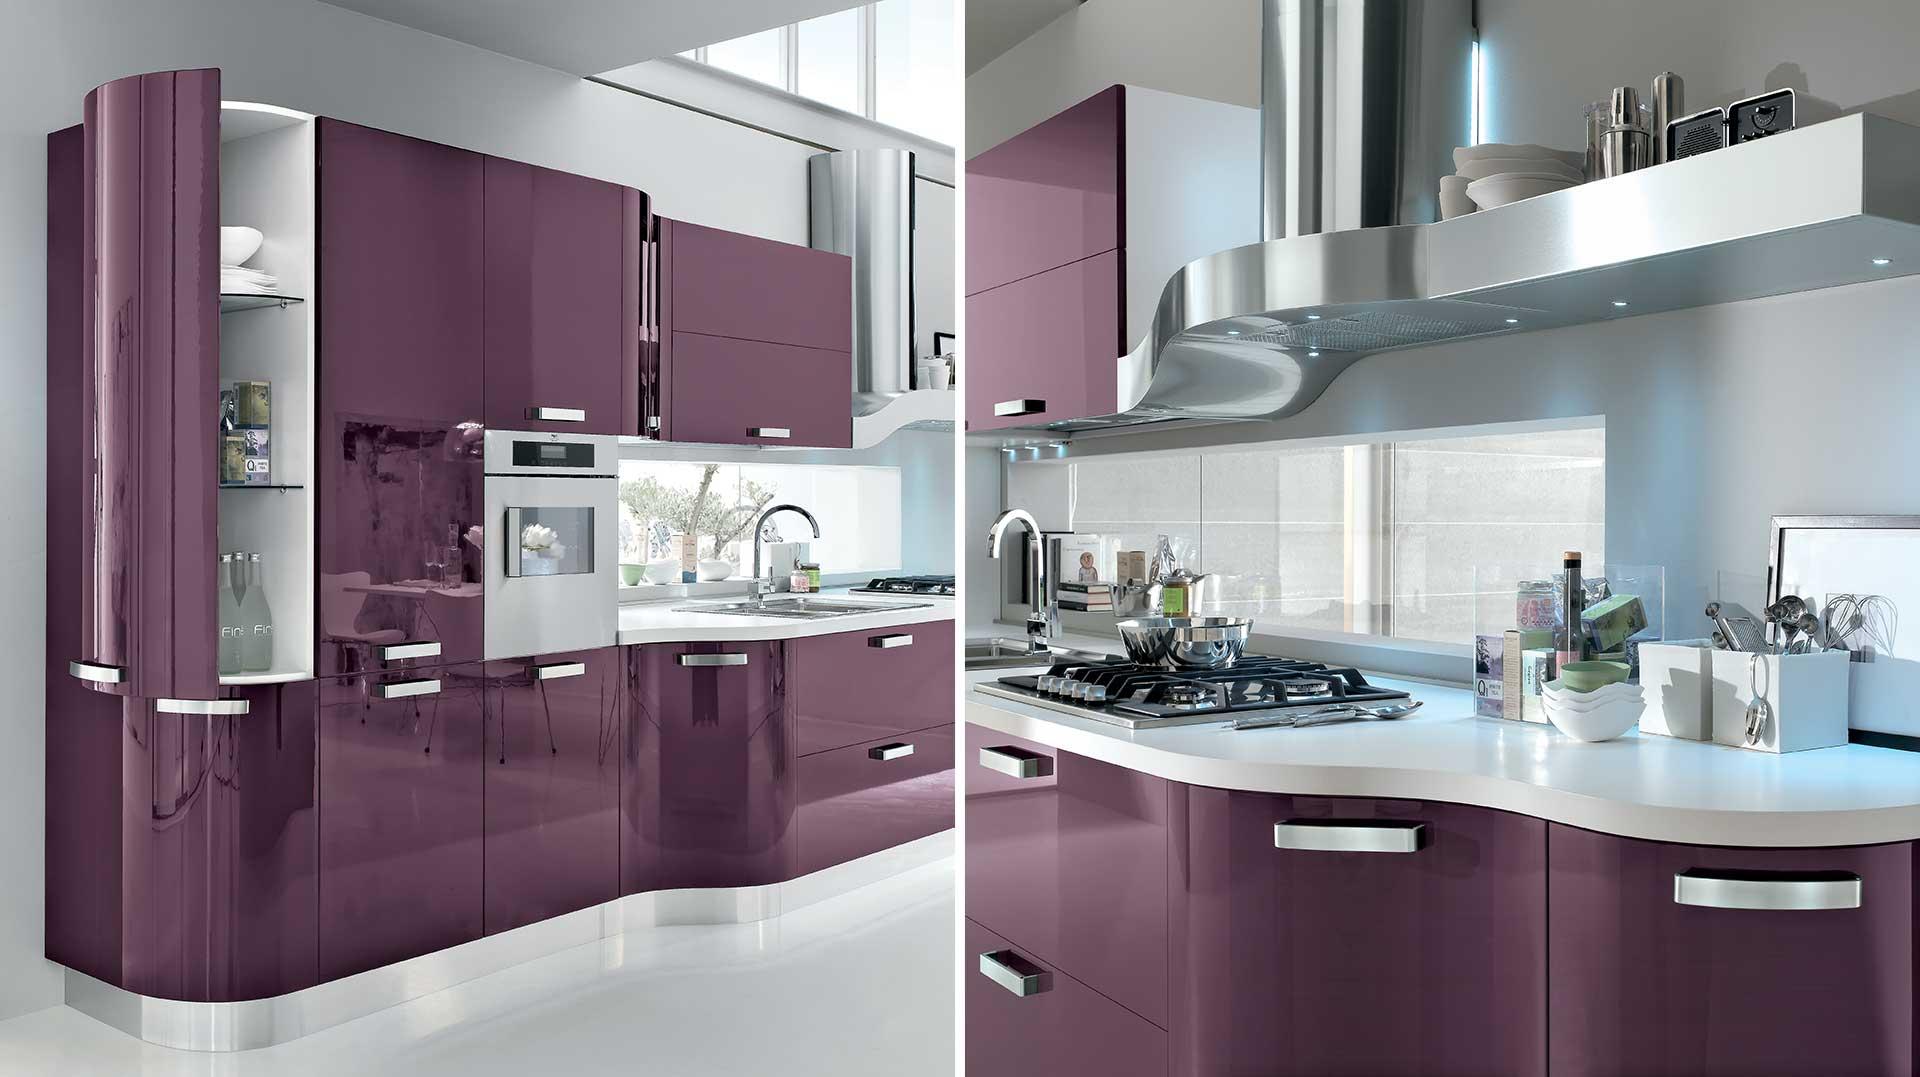 Cucina moderna kristal linee ondulate e morbidezza gicinque - Cucina color melanzana ...